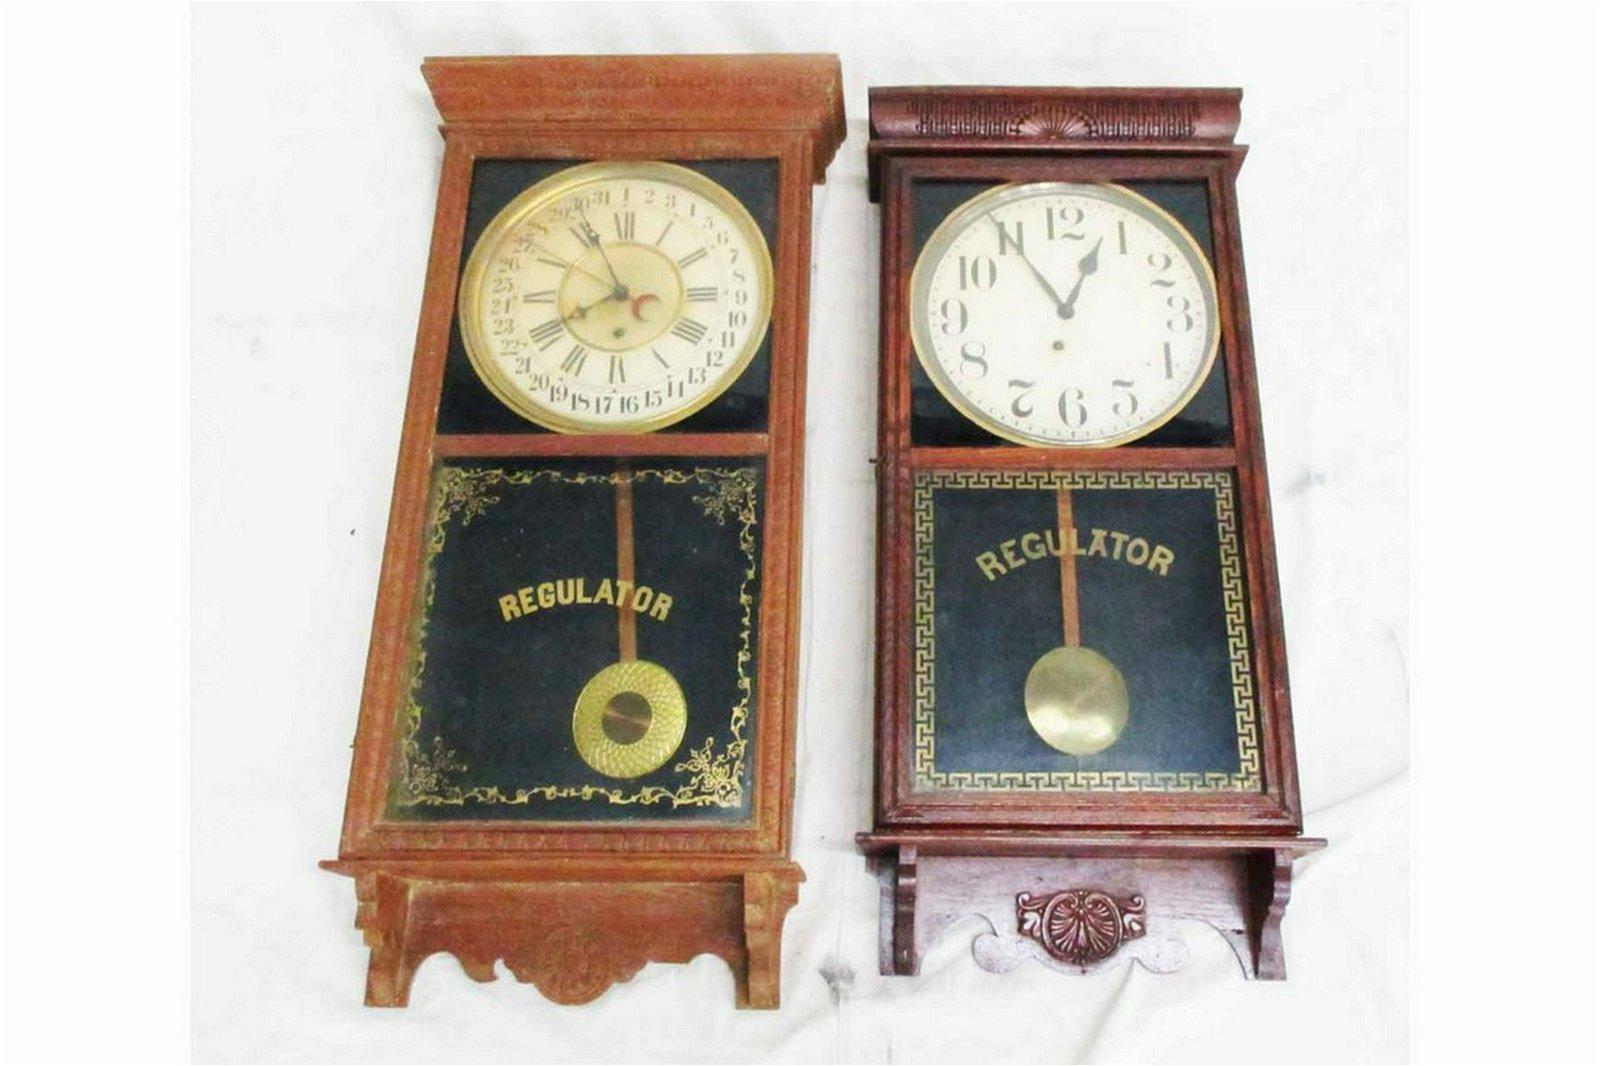 Regulator Wall Clocks